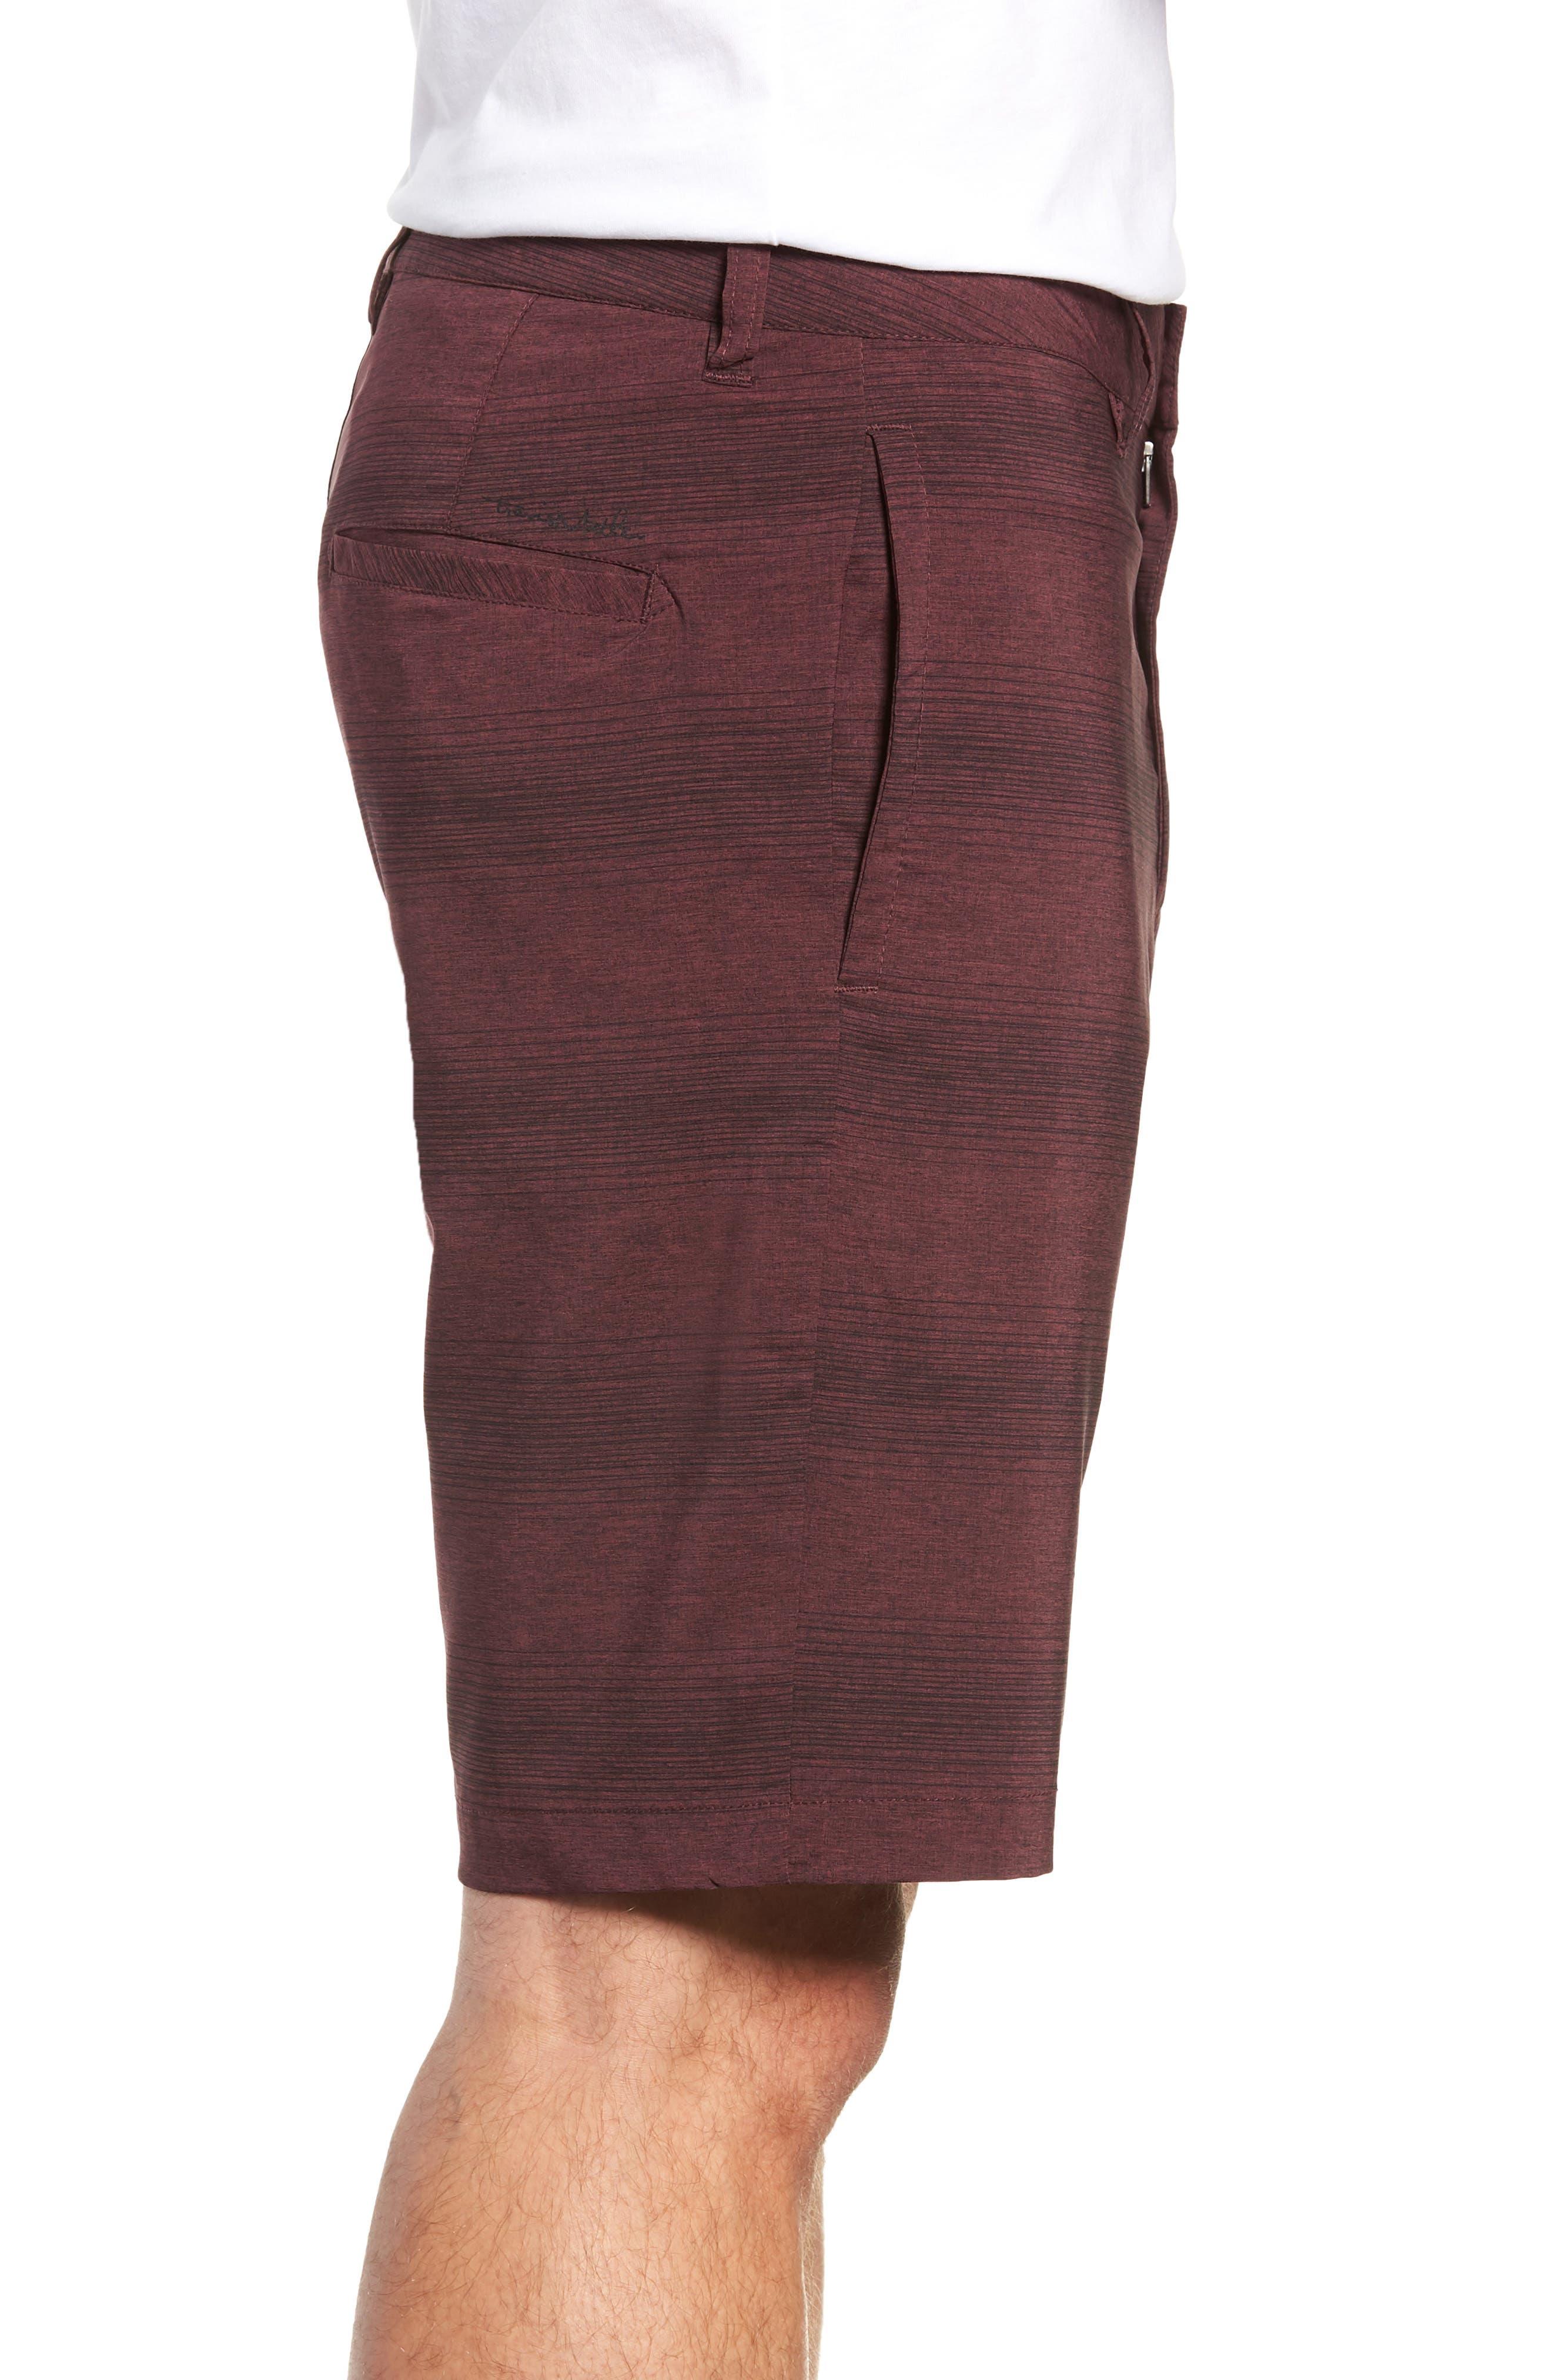 Tepic Shorts,                             Alternate thumbnail 3, color,                             WINETASTING/ BLACK